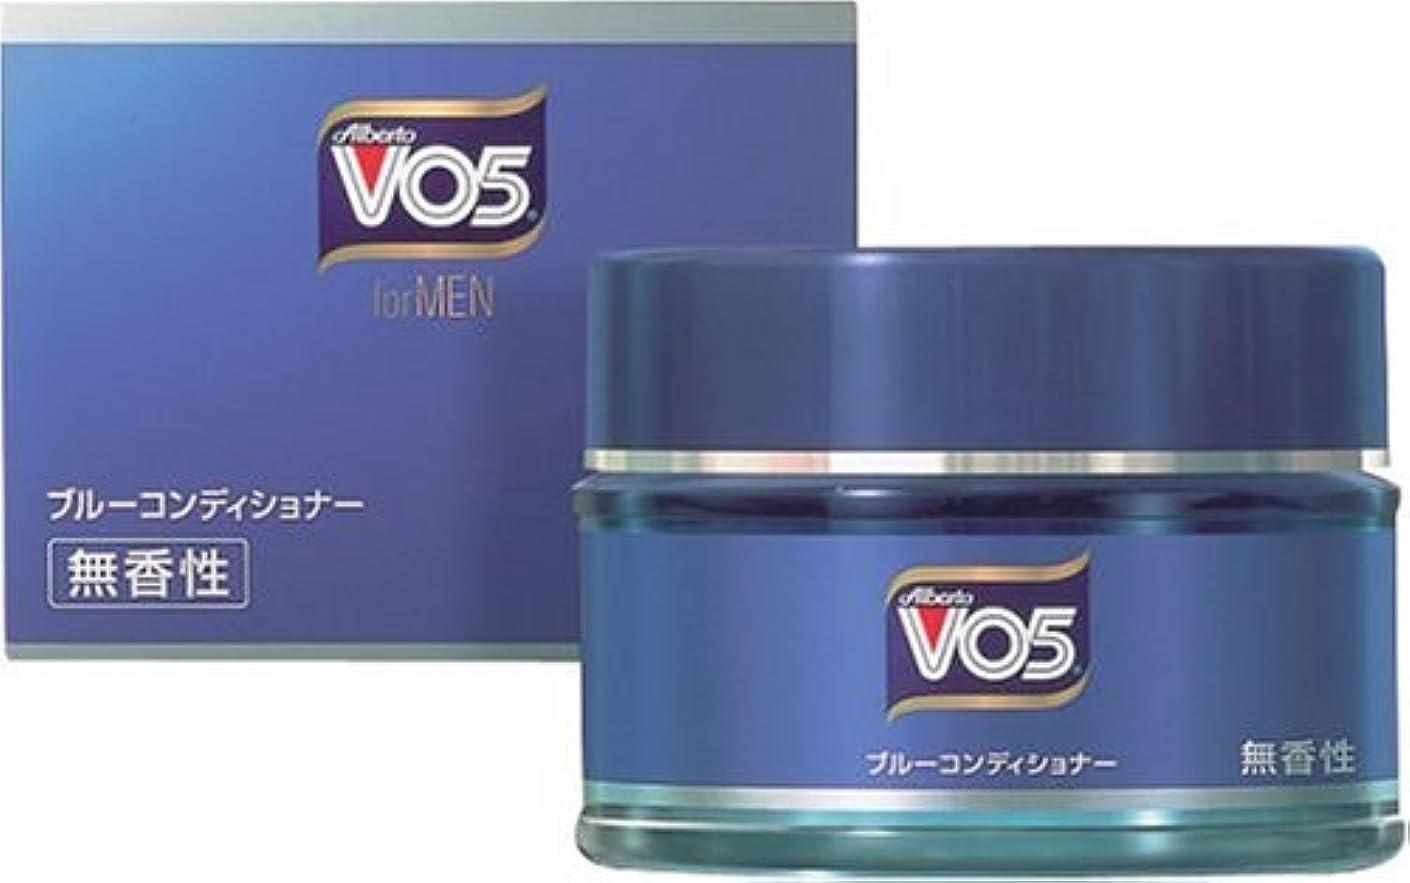 メンター助言野ウサギVO5 for MEN ブルーコンディショナー 無香性 85G <白髪ケア ? 白髪かくし ? スタイリング剤 ? メンズ>